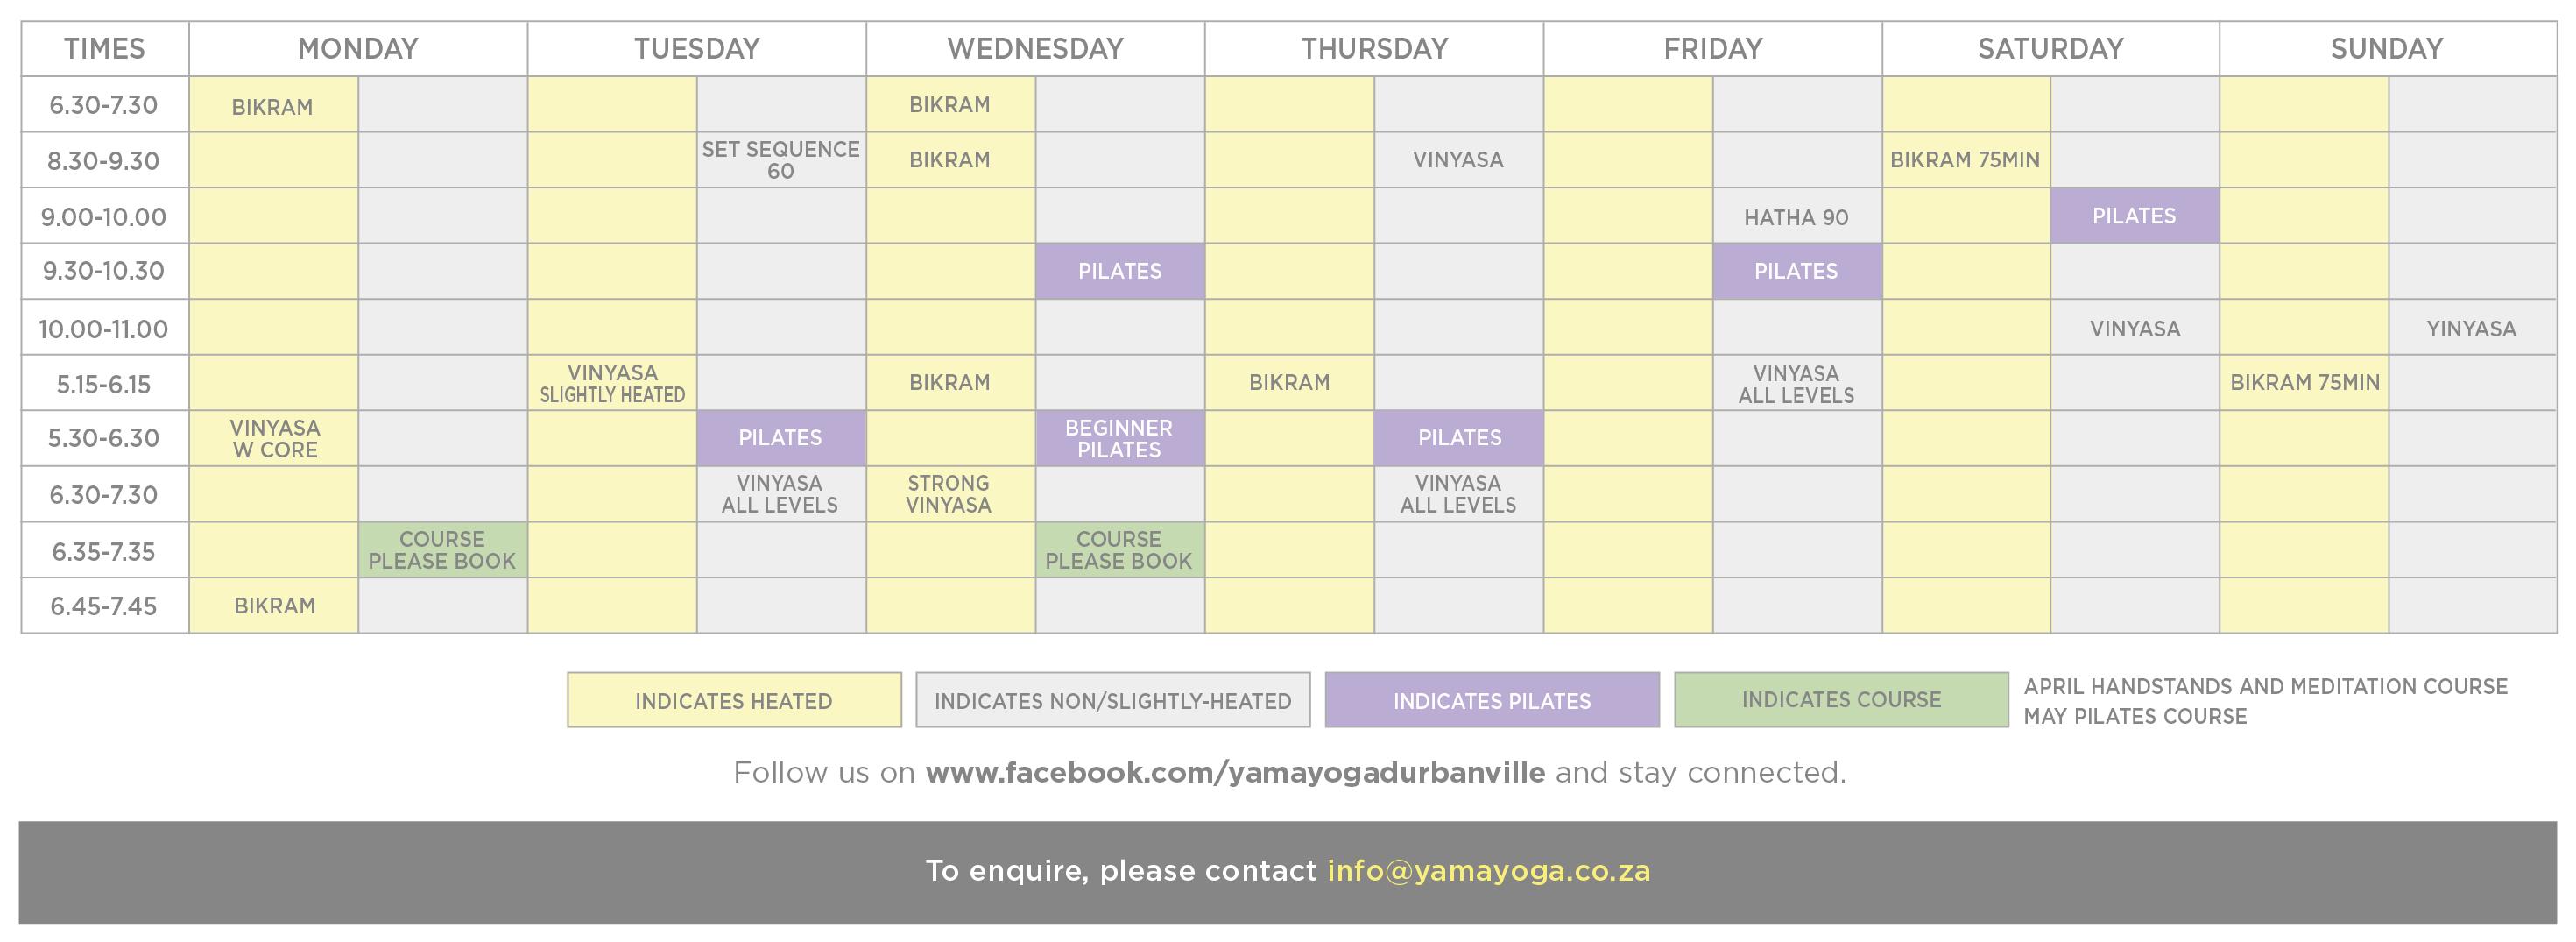 yama-yoga-schedule-web-march-2018